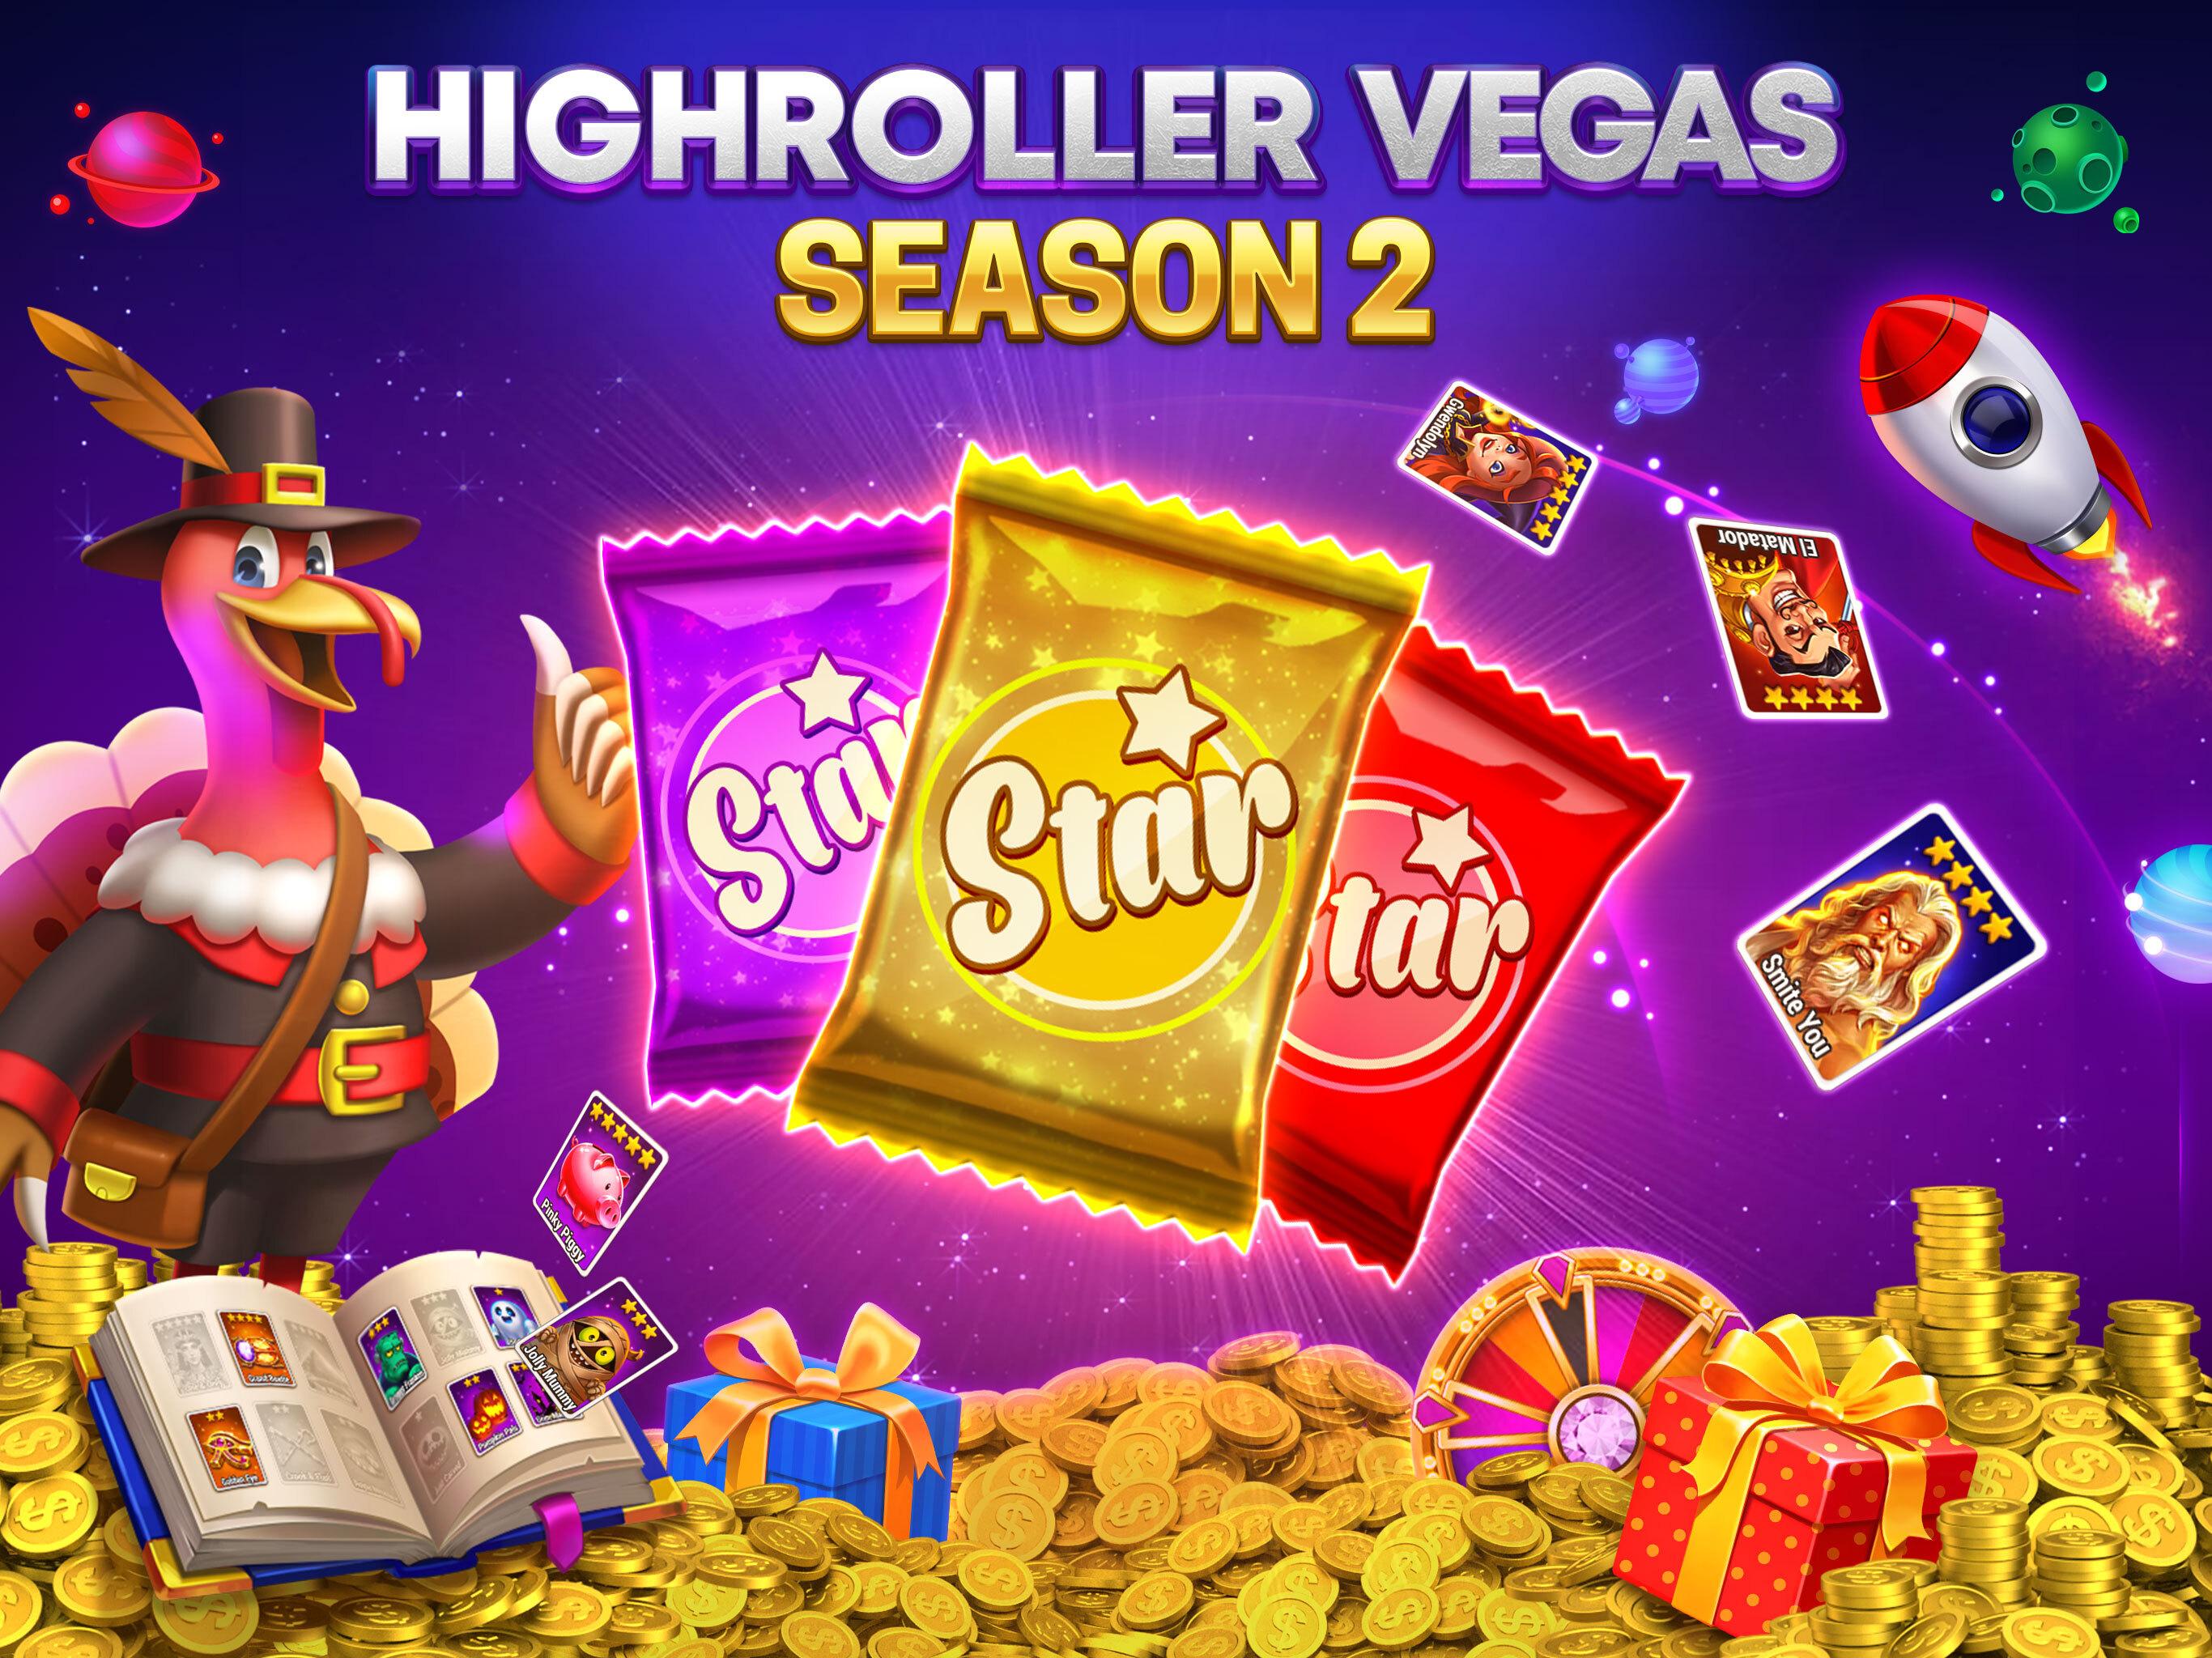 HighRoller Vegas - Free Slots Casino Games 2021 APK 2.3.15 ...